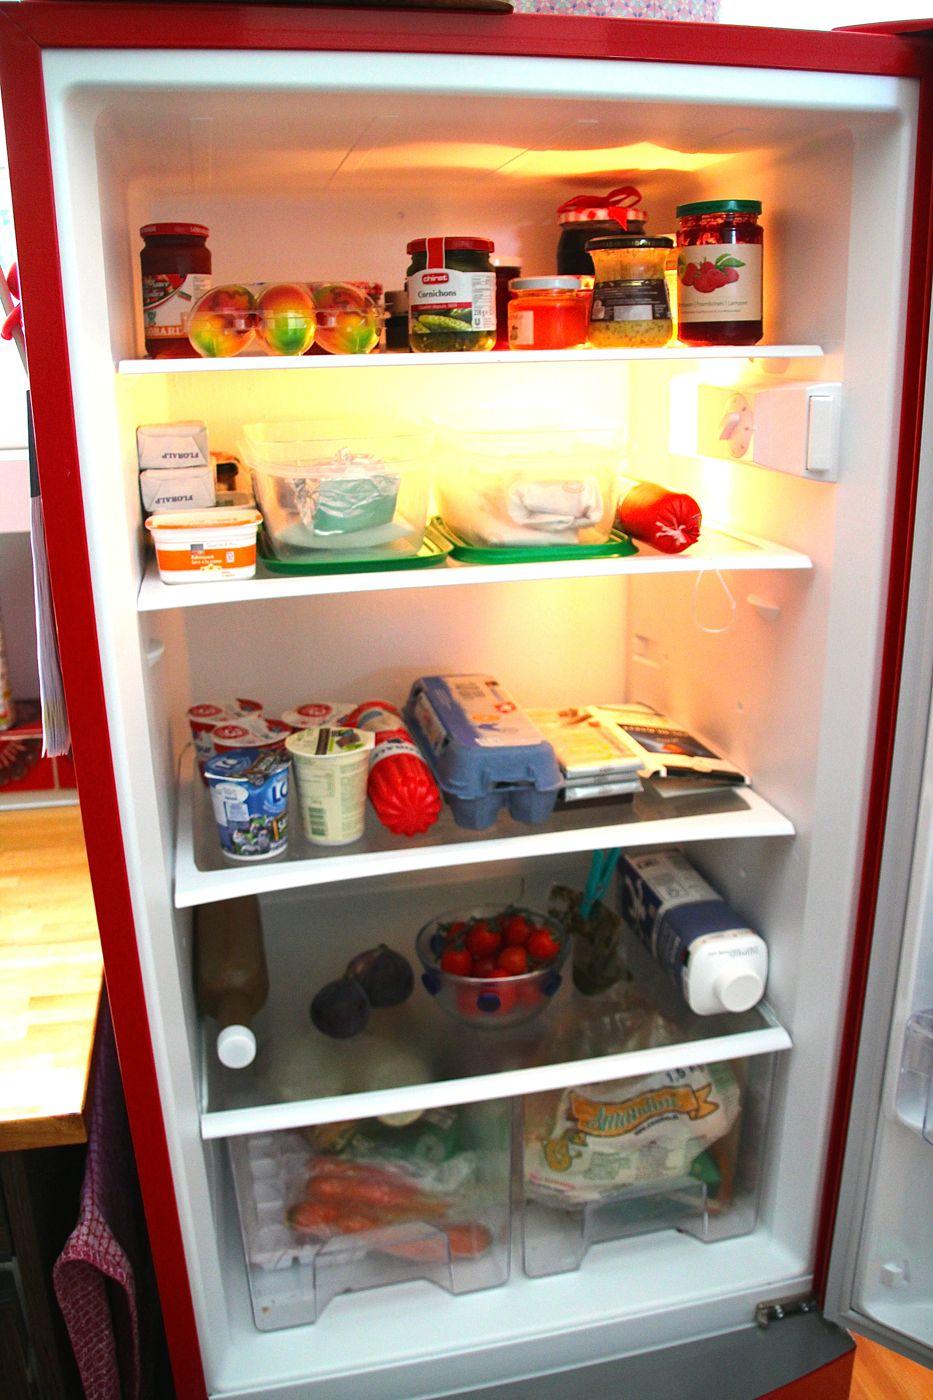 Wenig drin und ordentlich: Vroni Müller hasst es, Lebensmittel wegzuwerfen, deshalb kauft sie erst gar nicht viel ein.